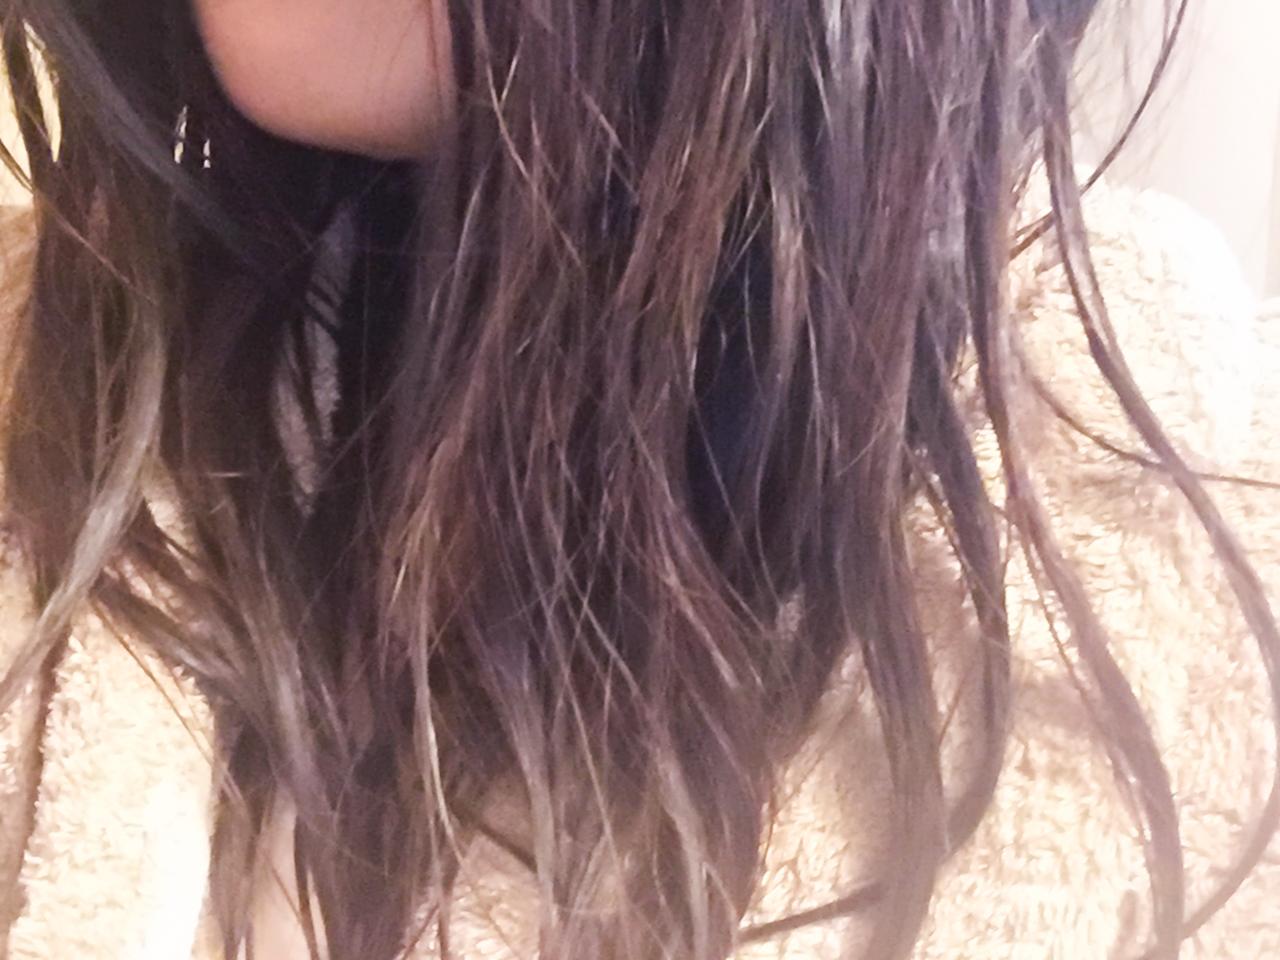 髪の毛の太さがバラバラな原因と改善するコツや健康に保つ秘訣